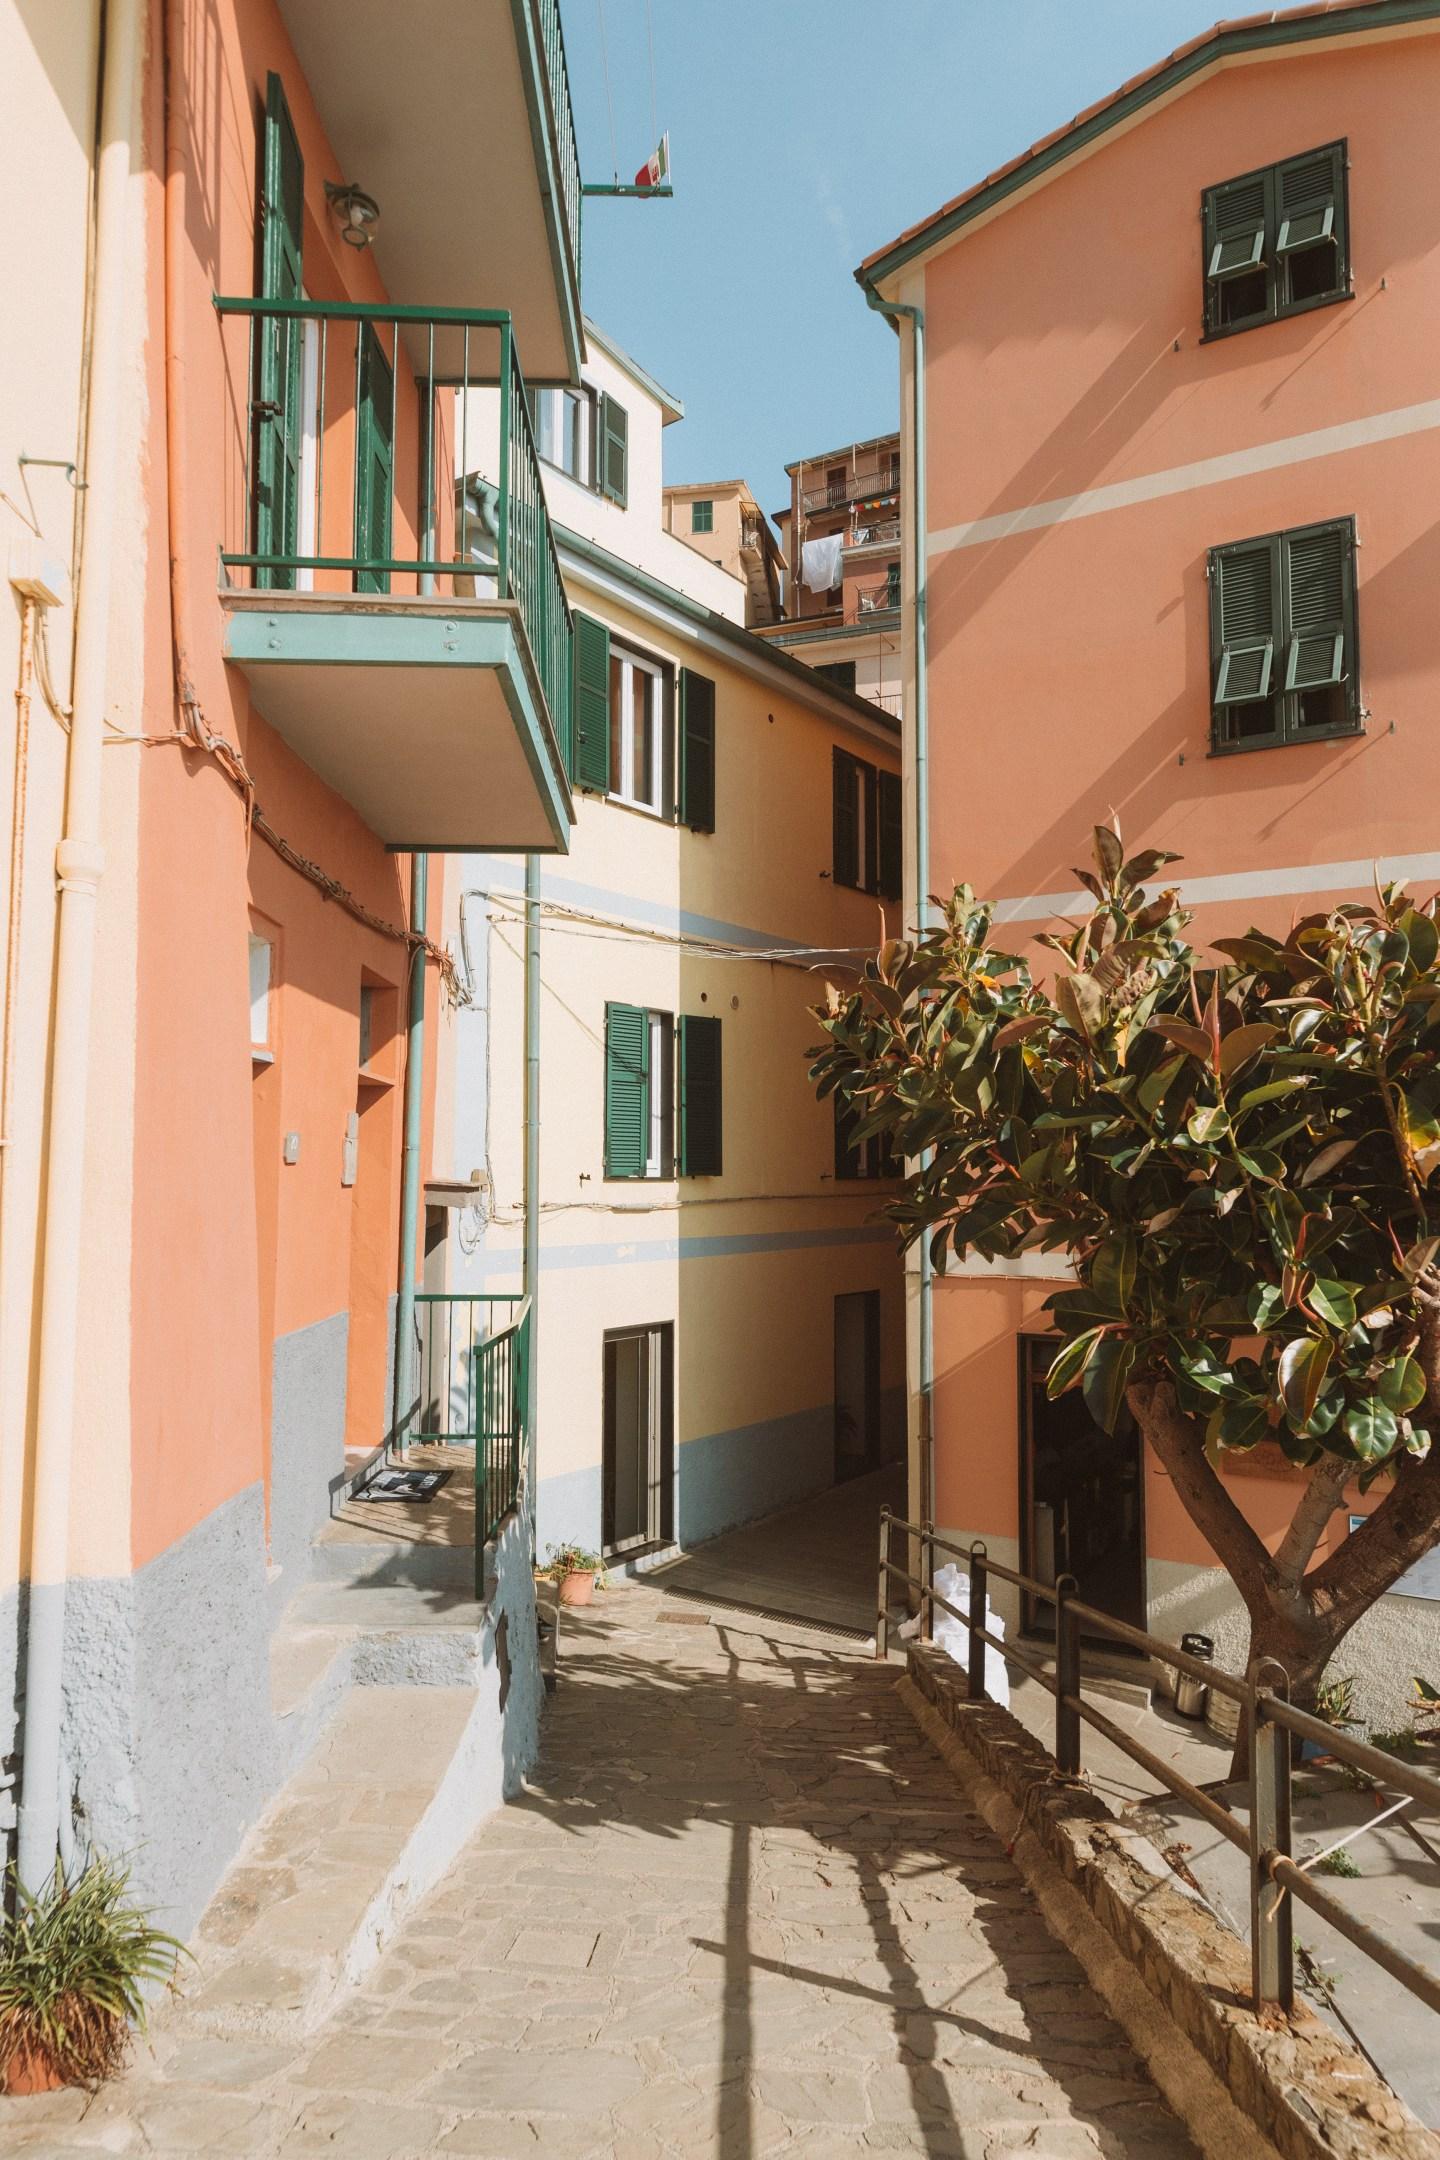 Colorful streets of Corniglia